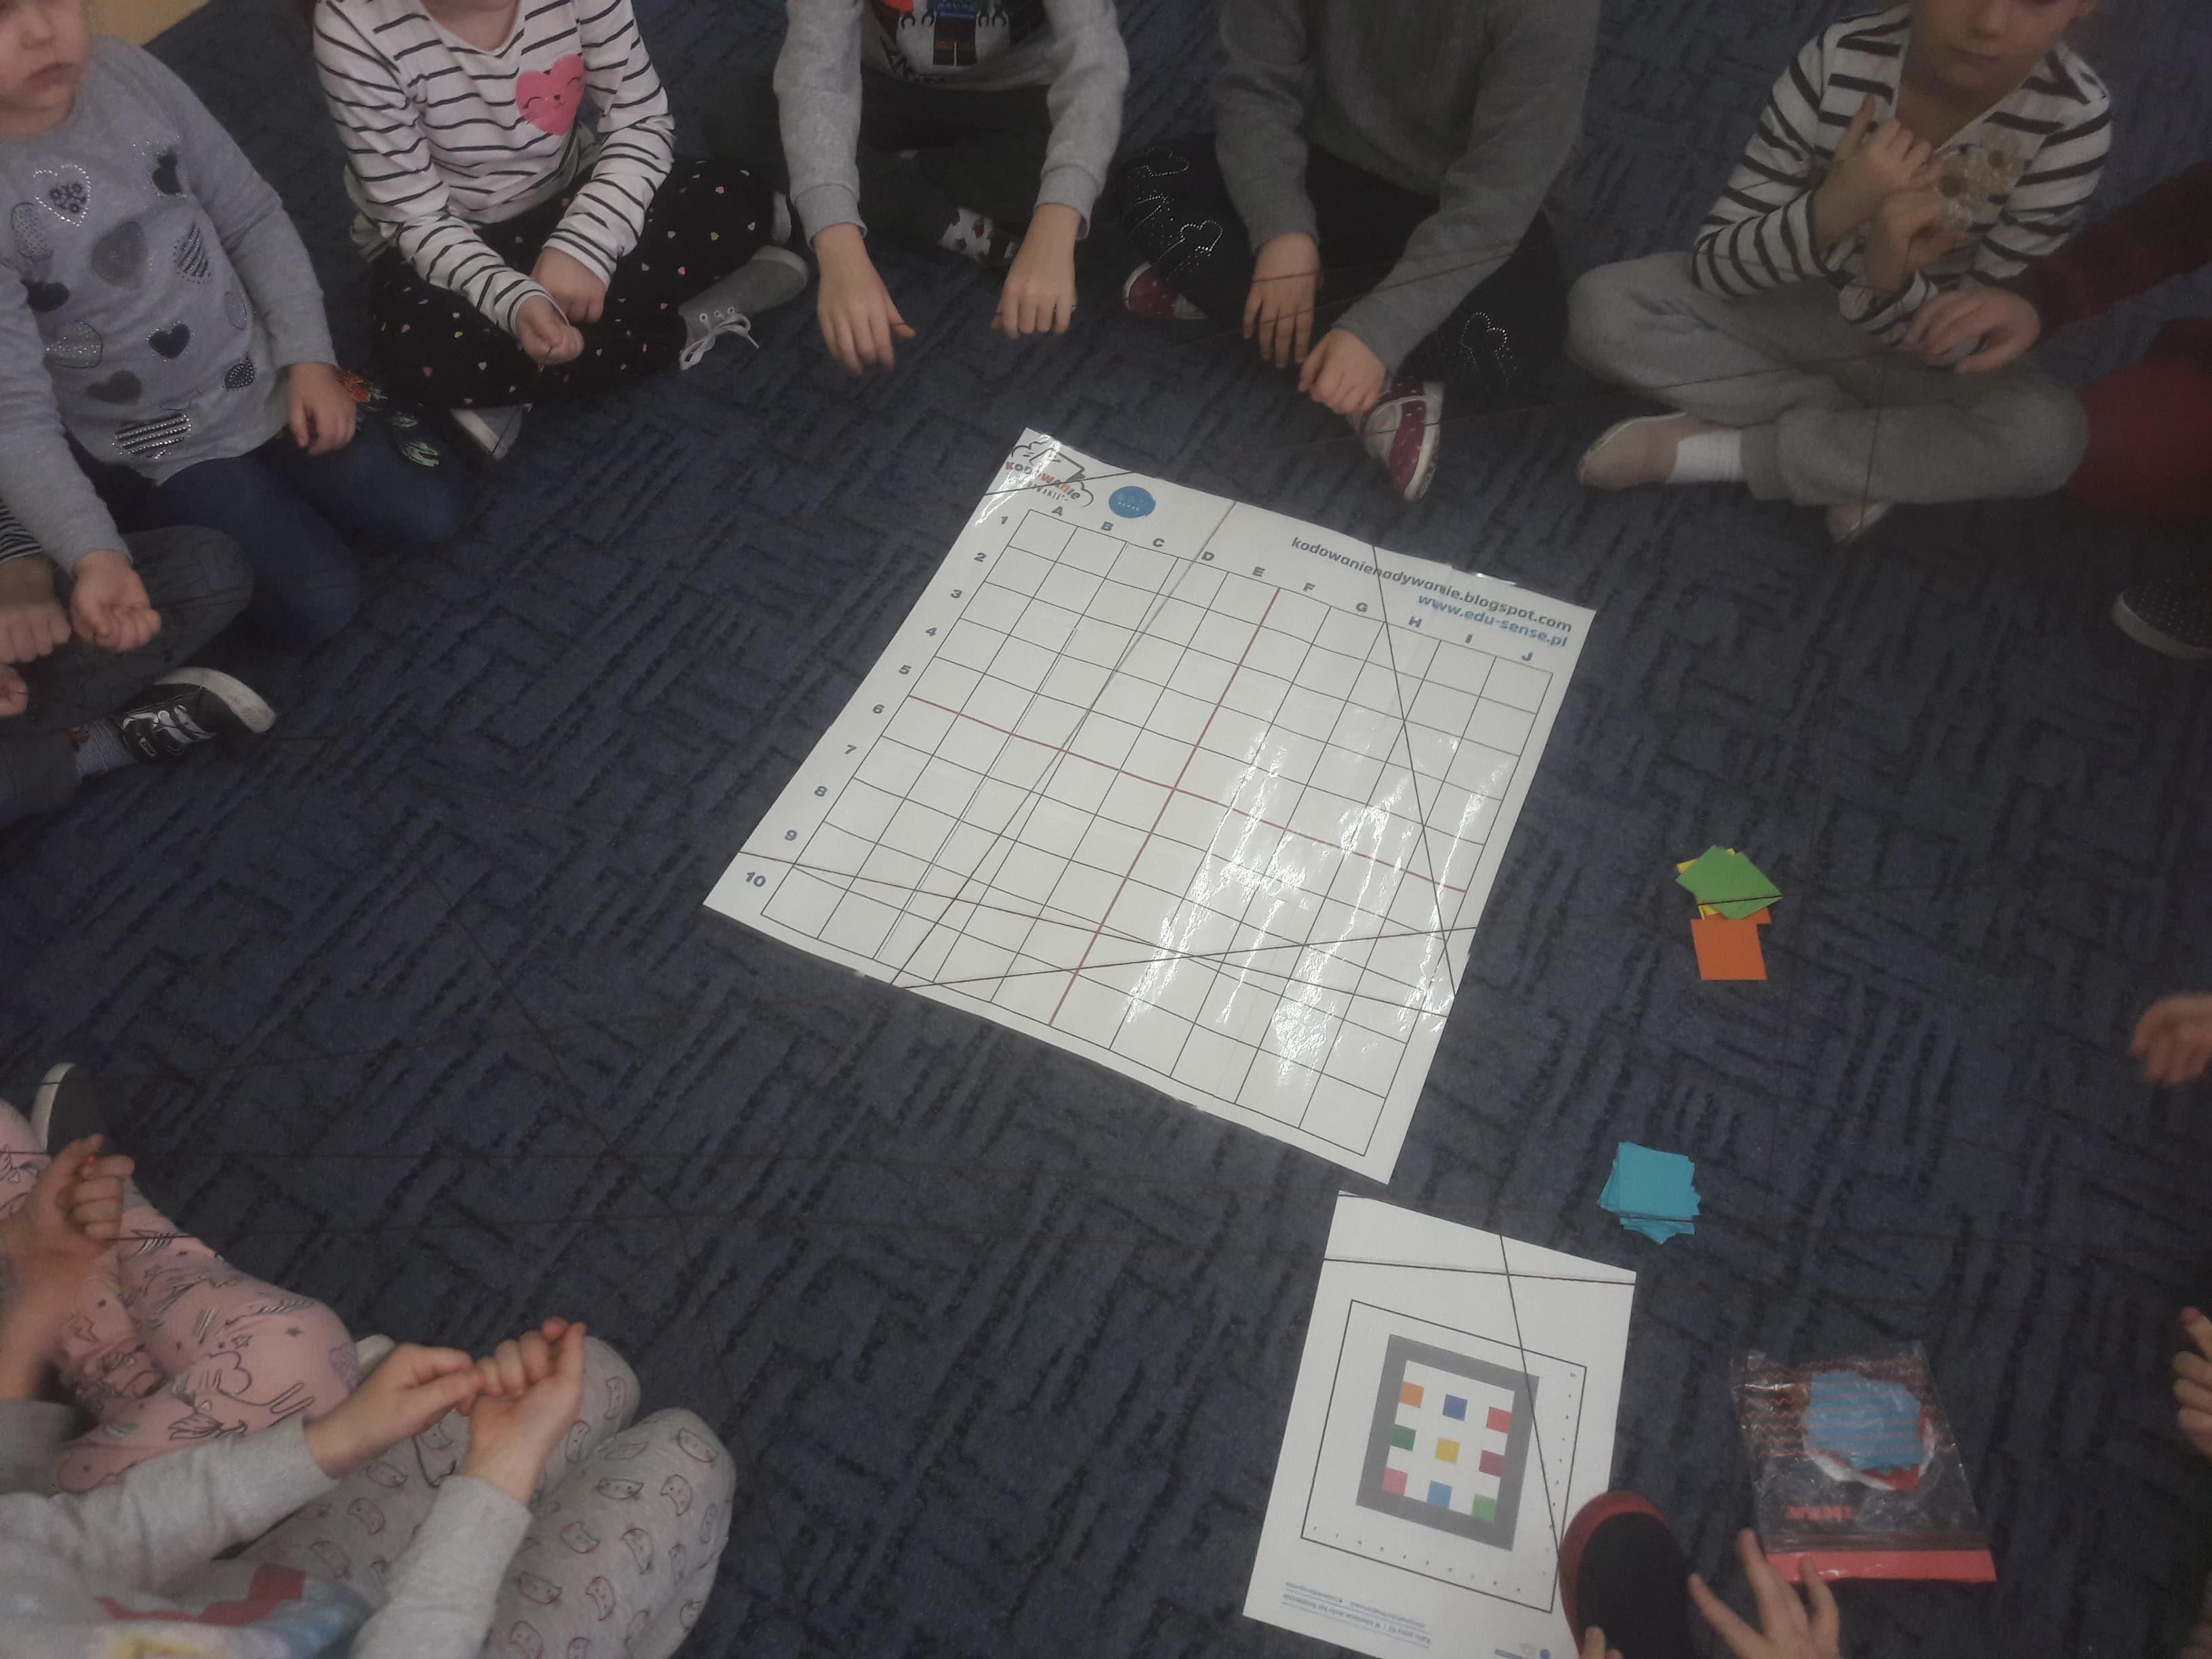 Ogólnopolski Program Uczymy Dzieci Programować Kodowanie Na